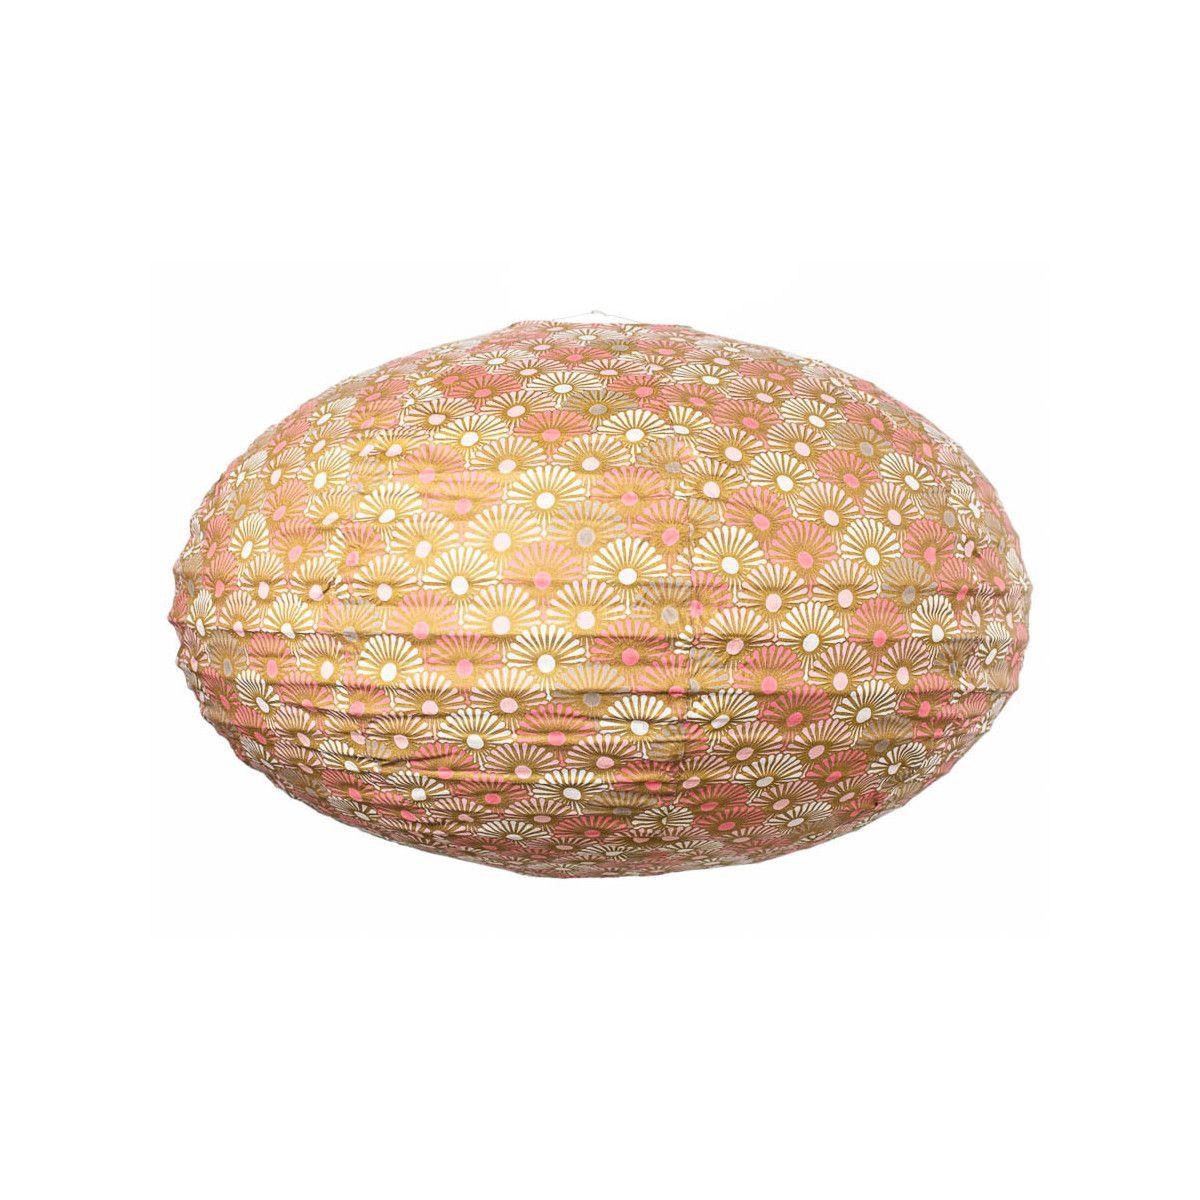 Lampion tissu boule japonaise ovale rose et or